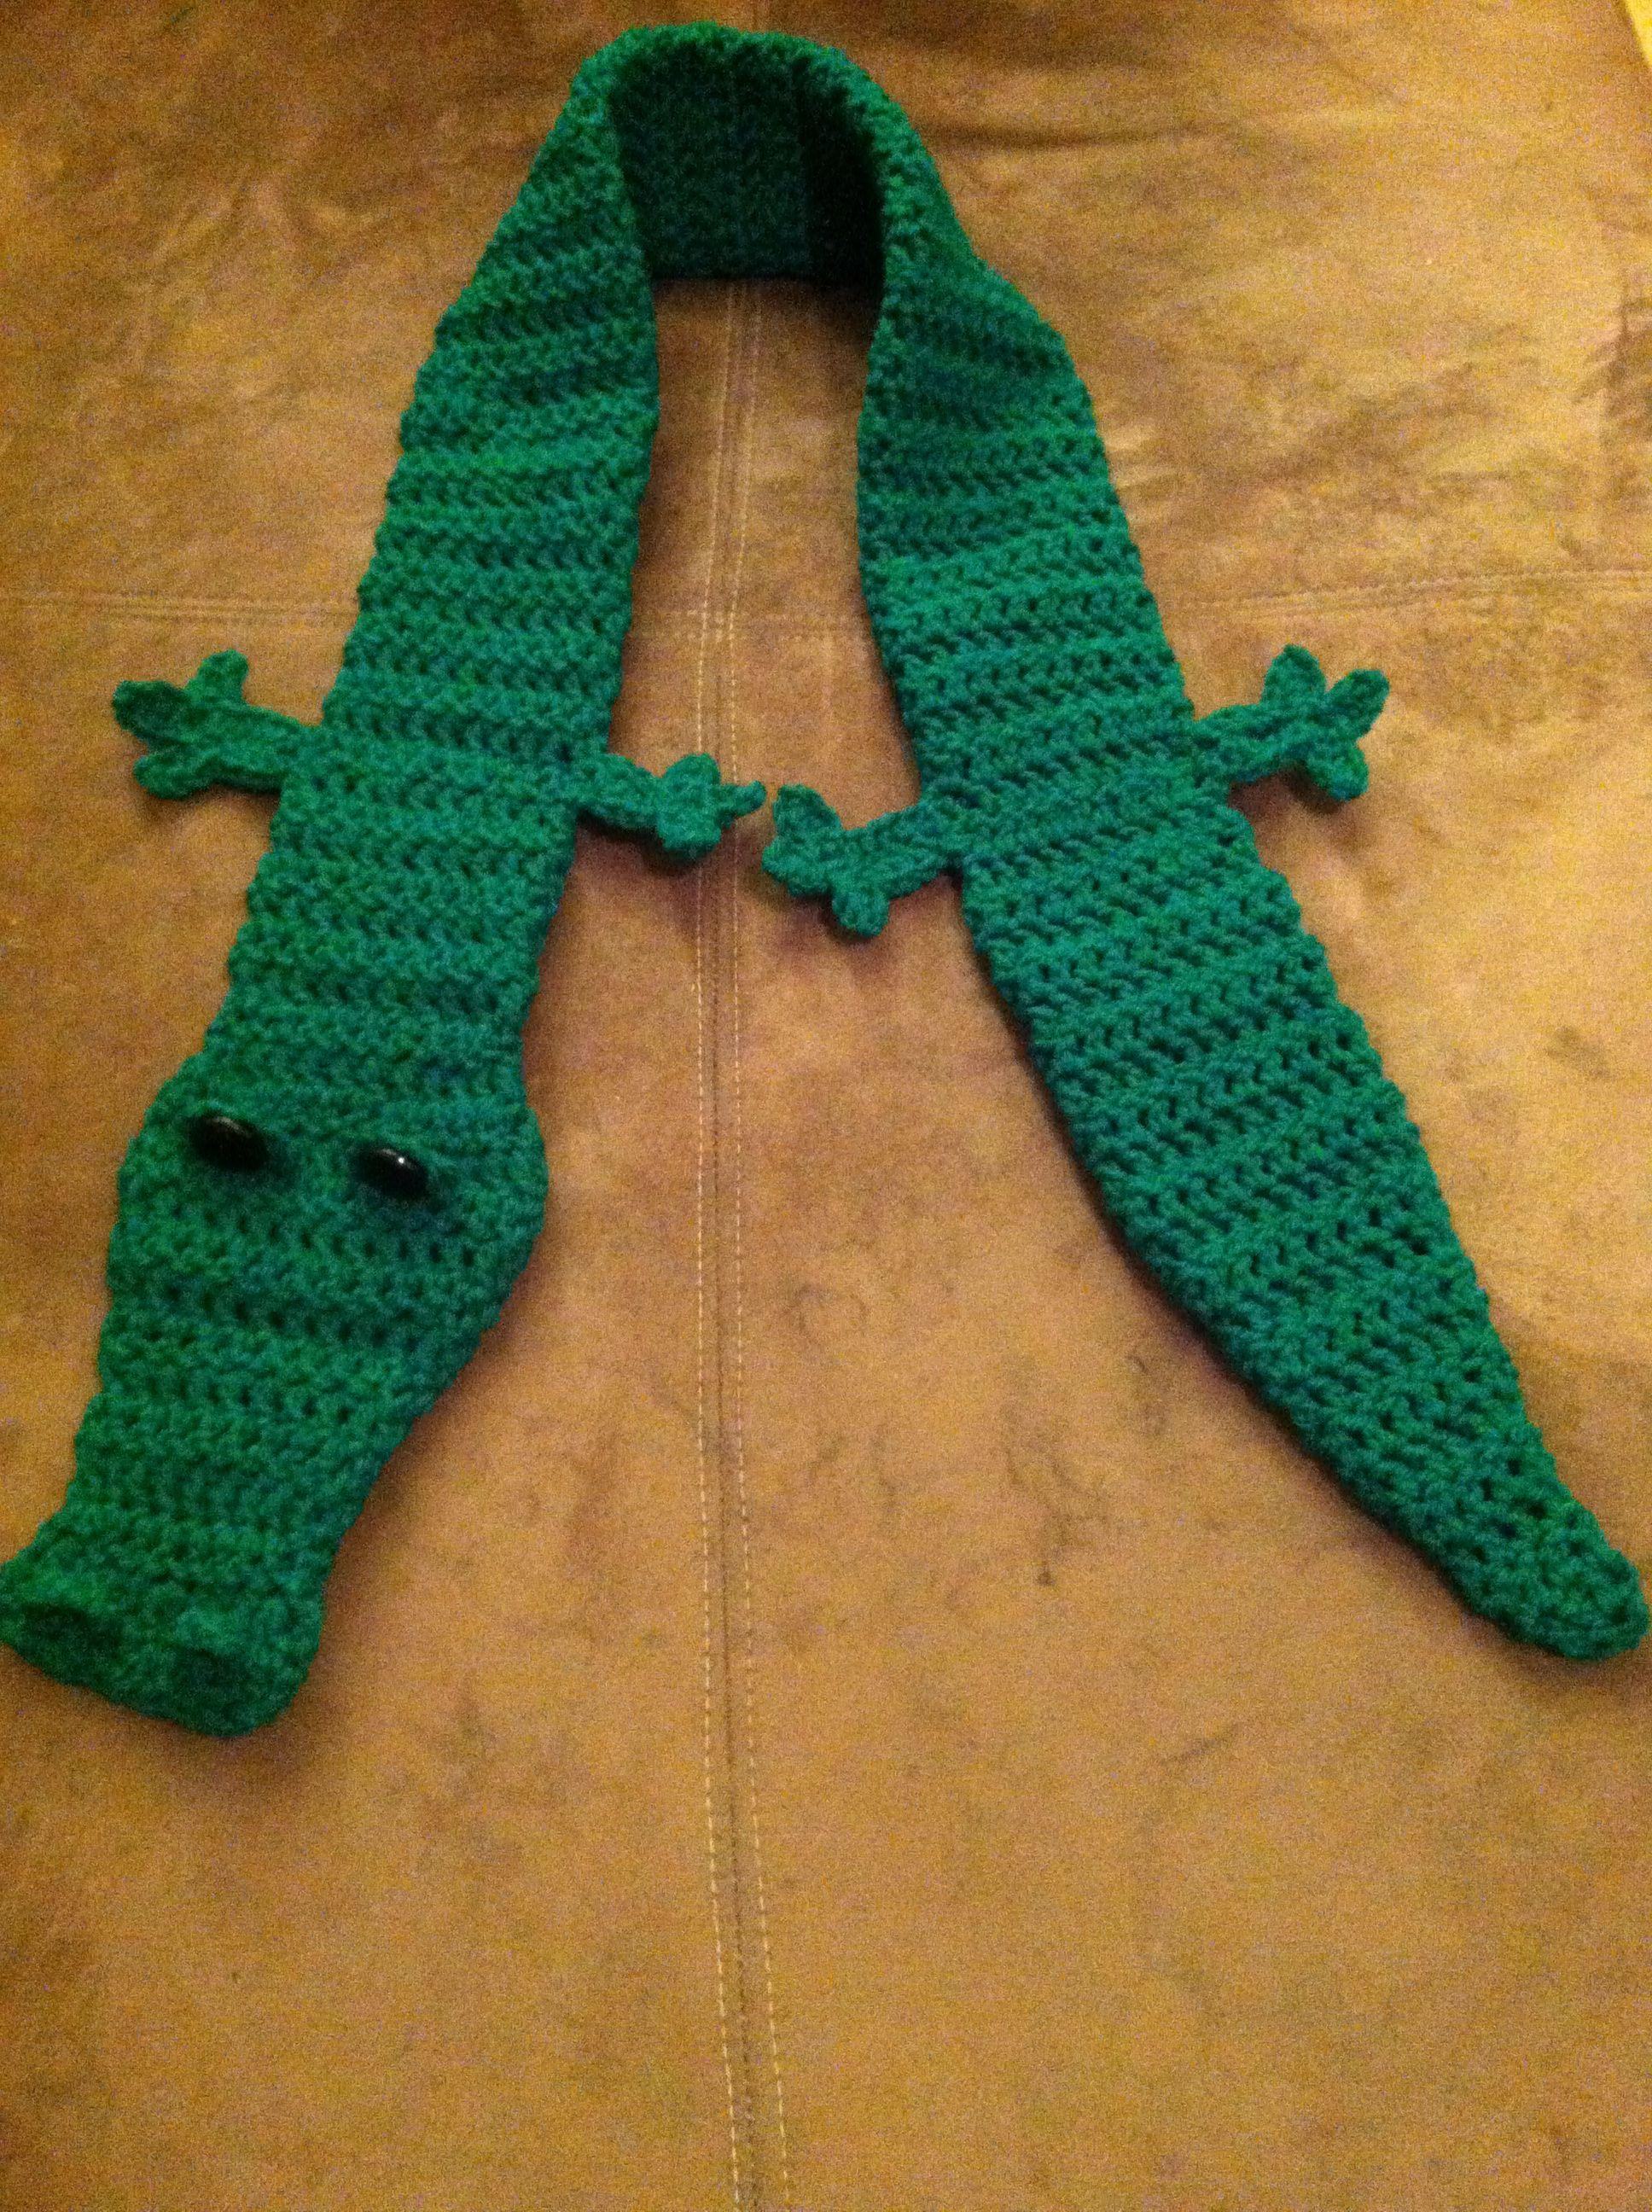 Crocheted Alligator Scarf Crochet Alligatorscarf Darnyarn